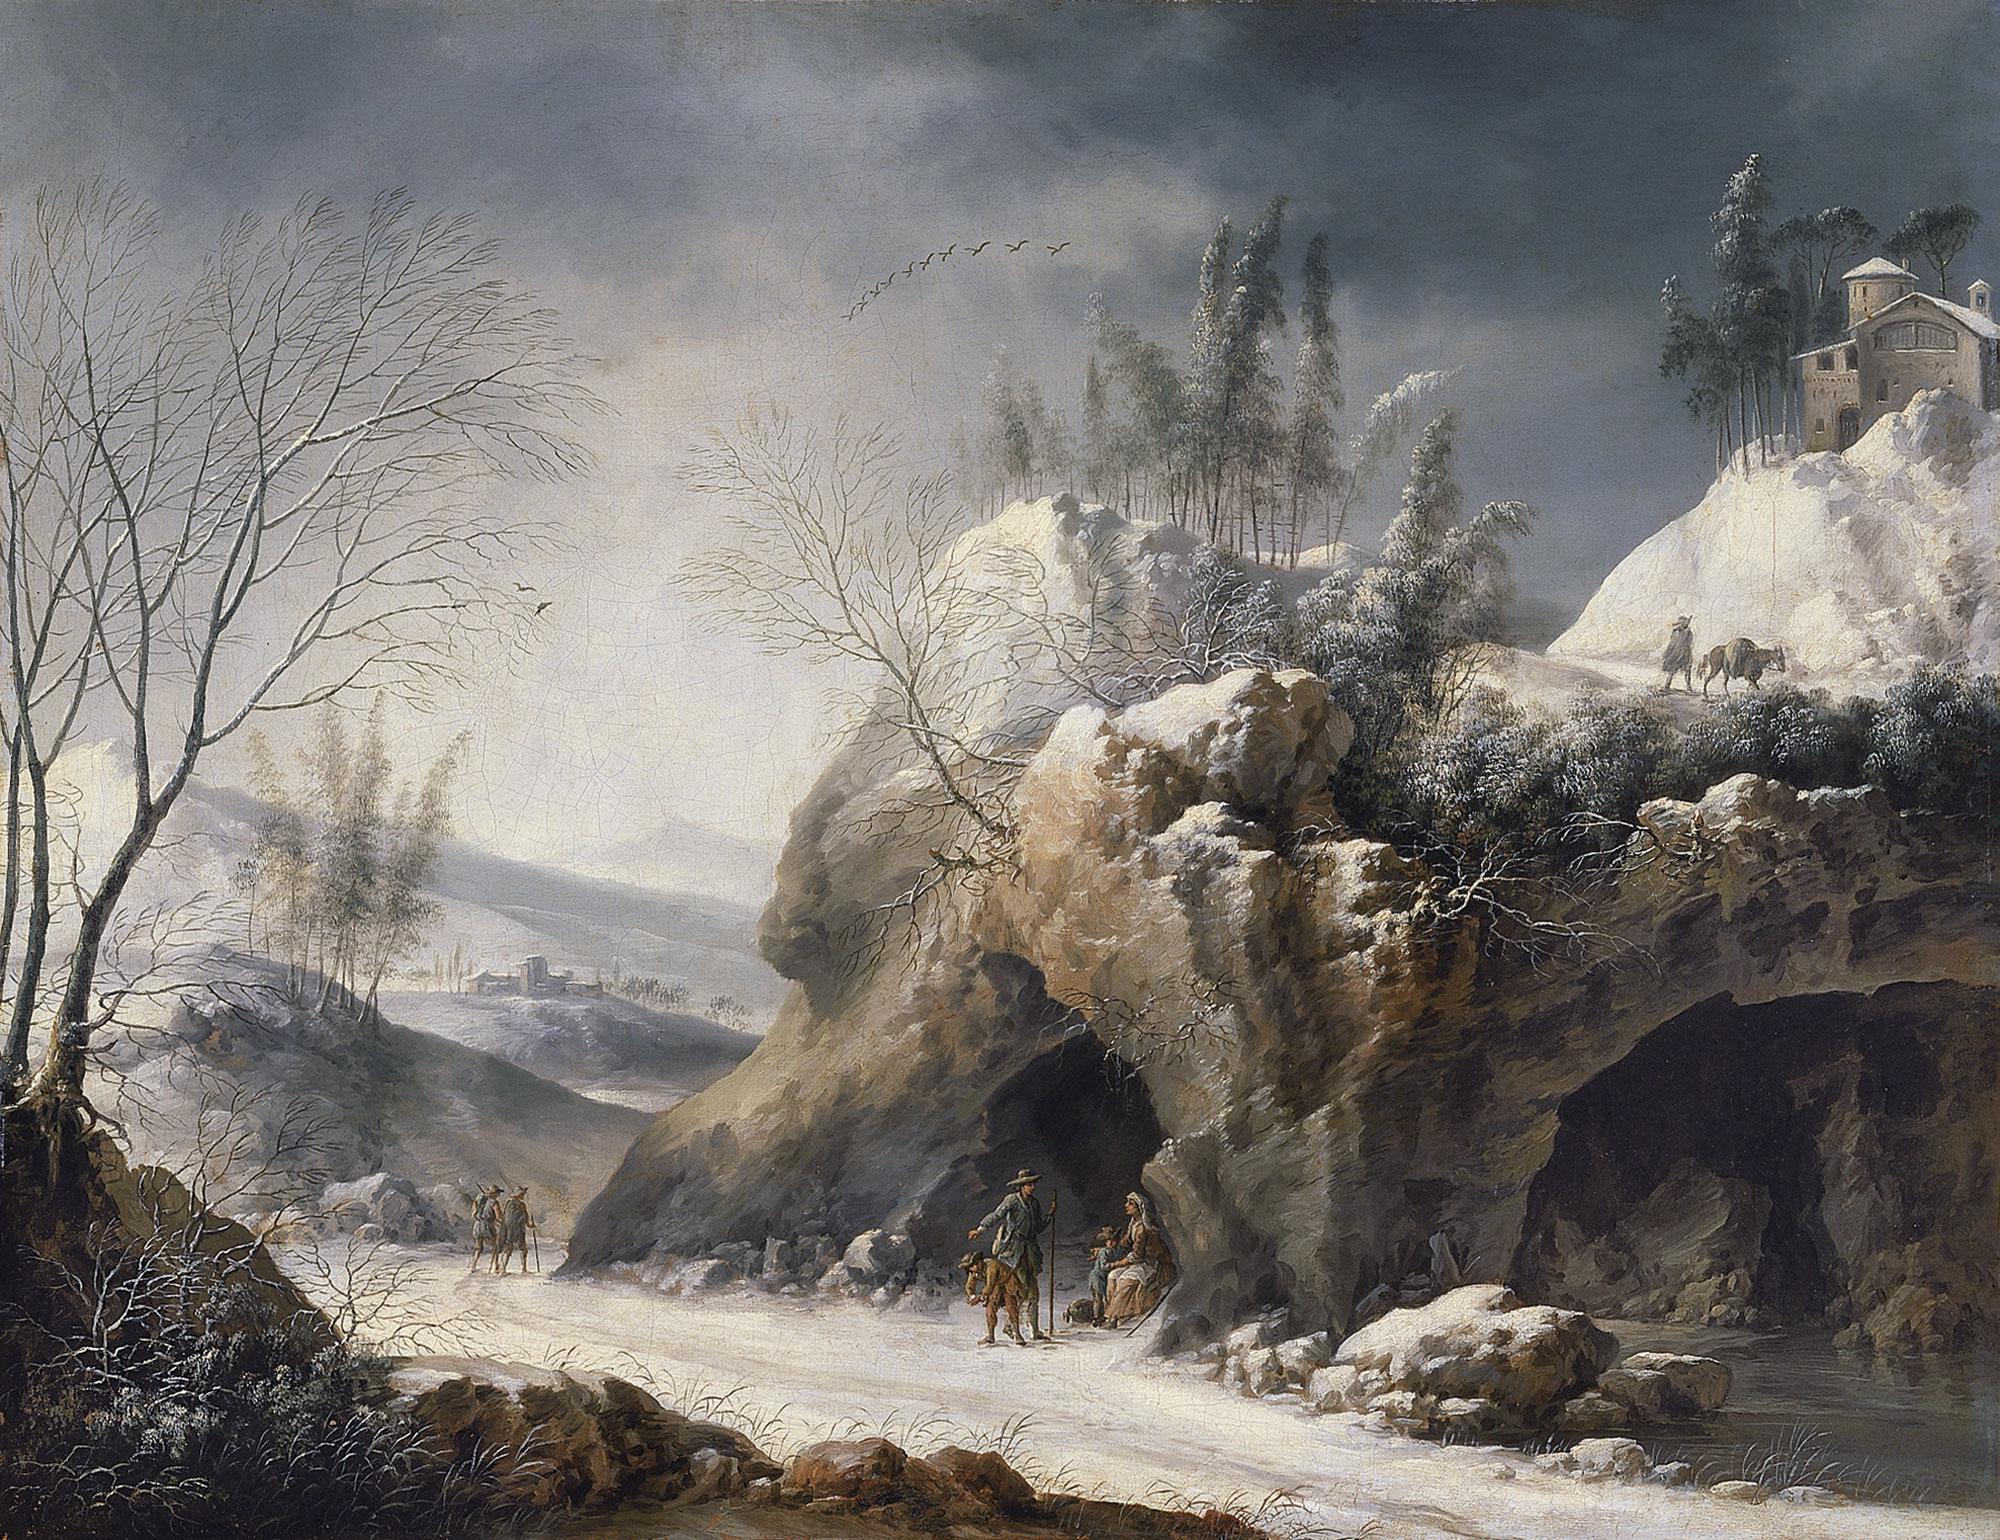 FileFrancesco Foschi  Paesaggio invernale con una famiglia di contadinijpg  Wikimedia Commons